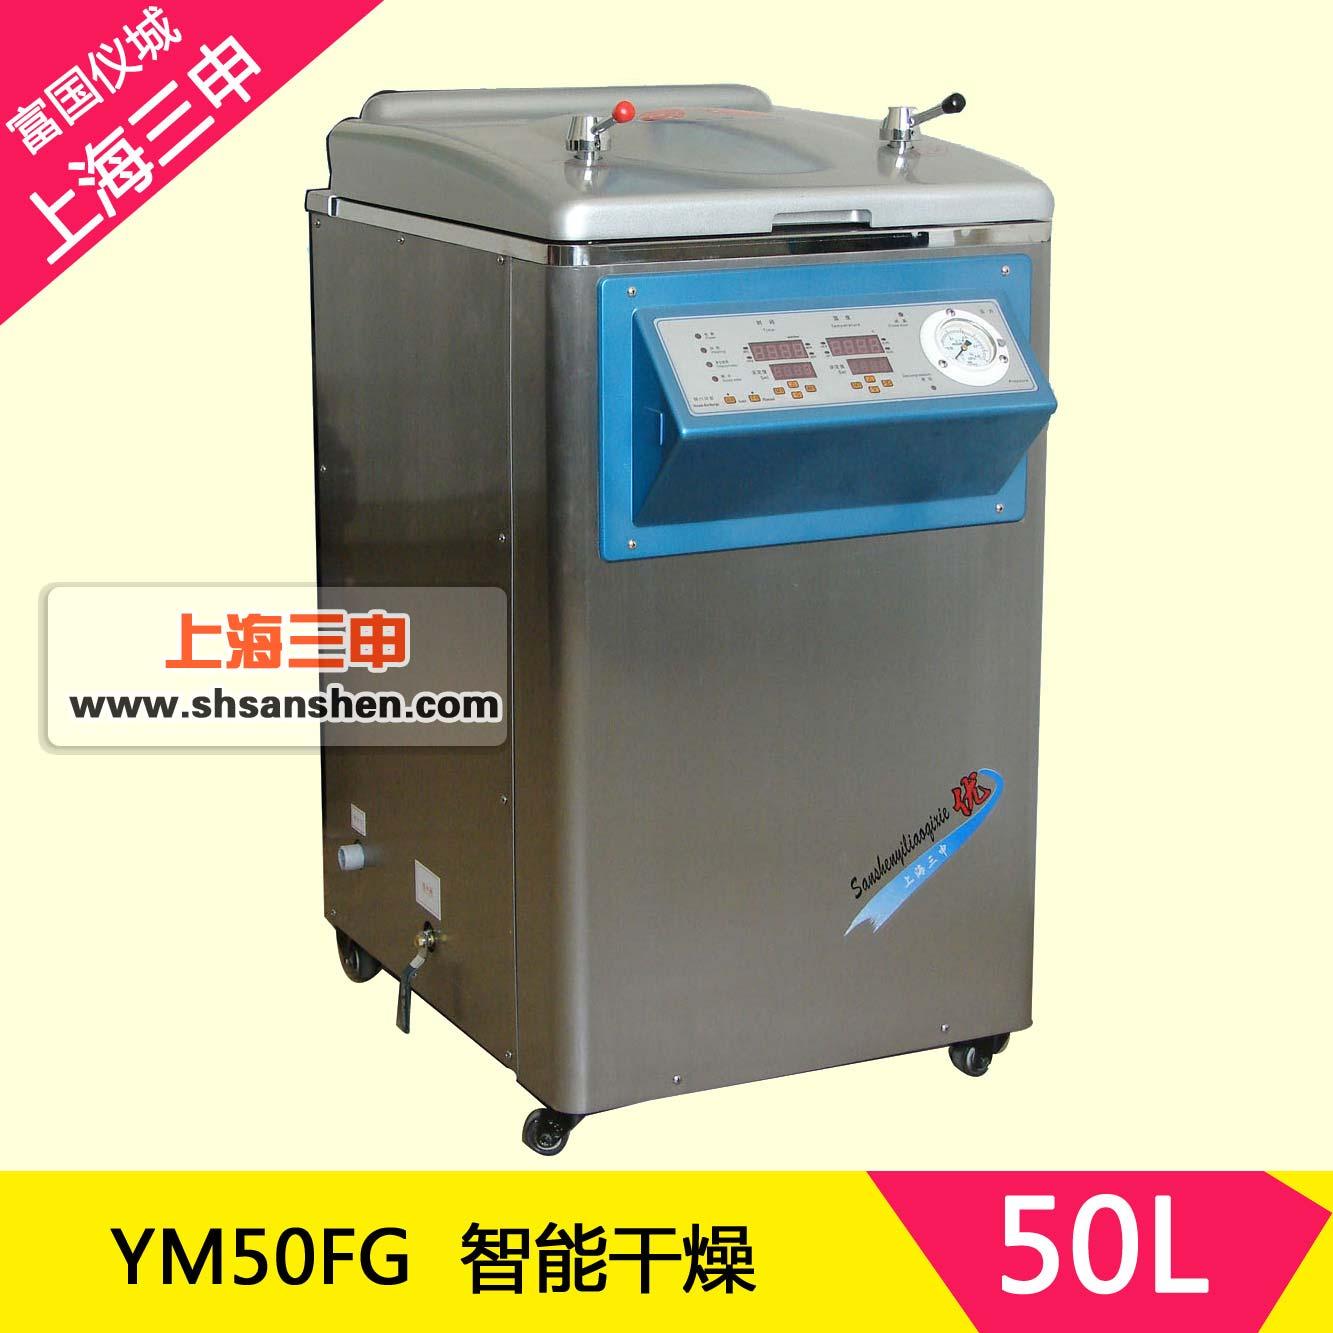 上海三申立式蒸汽xx色综合YM50FG(智能控制+干燥型)50L 压力蒸汽灭菌锅